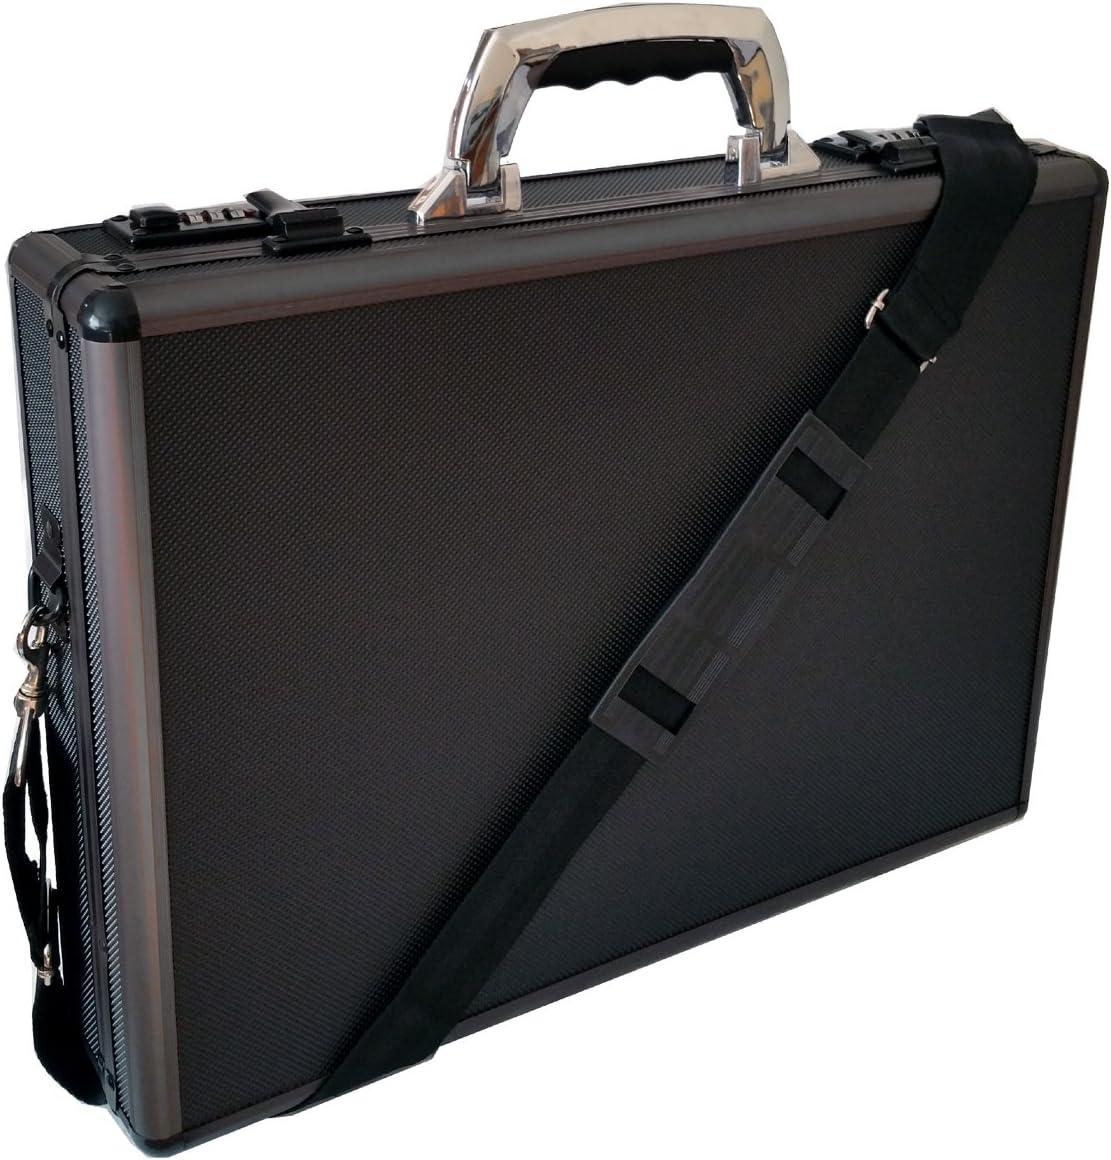 Maletín para ordenador portátil de aluminio, acolchado, color negro, acabado metálico